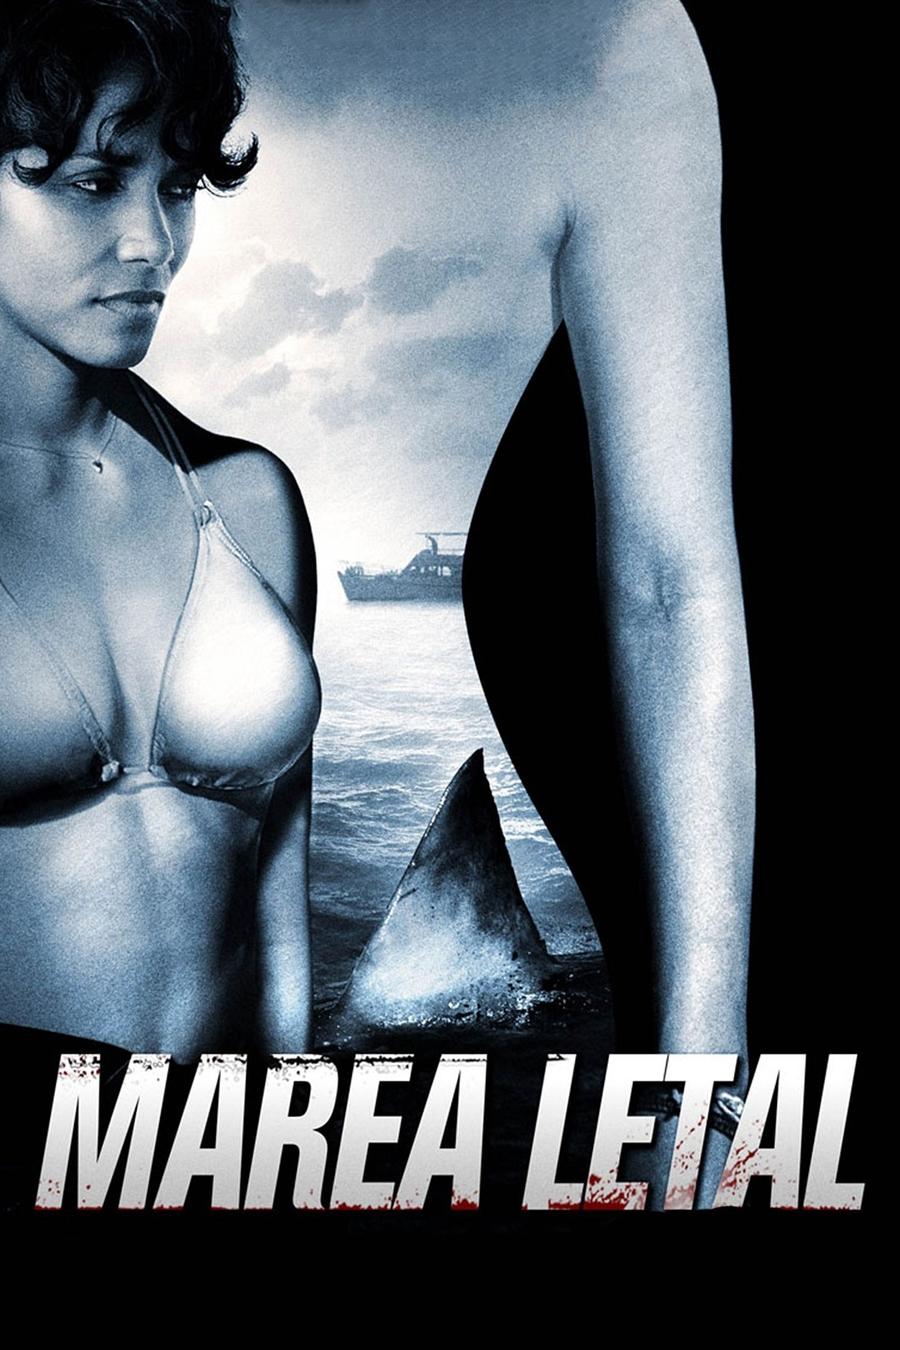 Marea letal